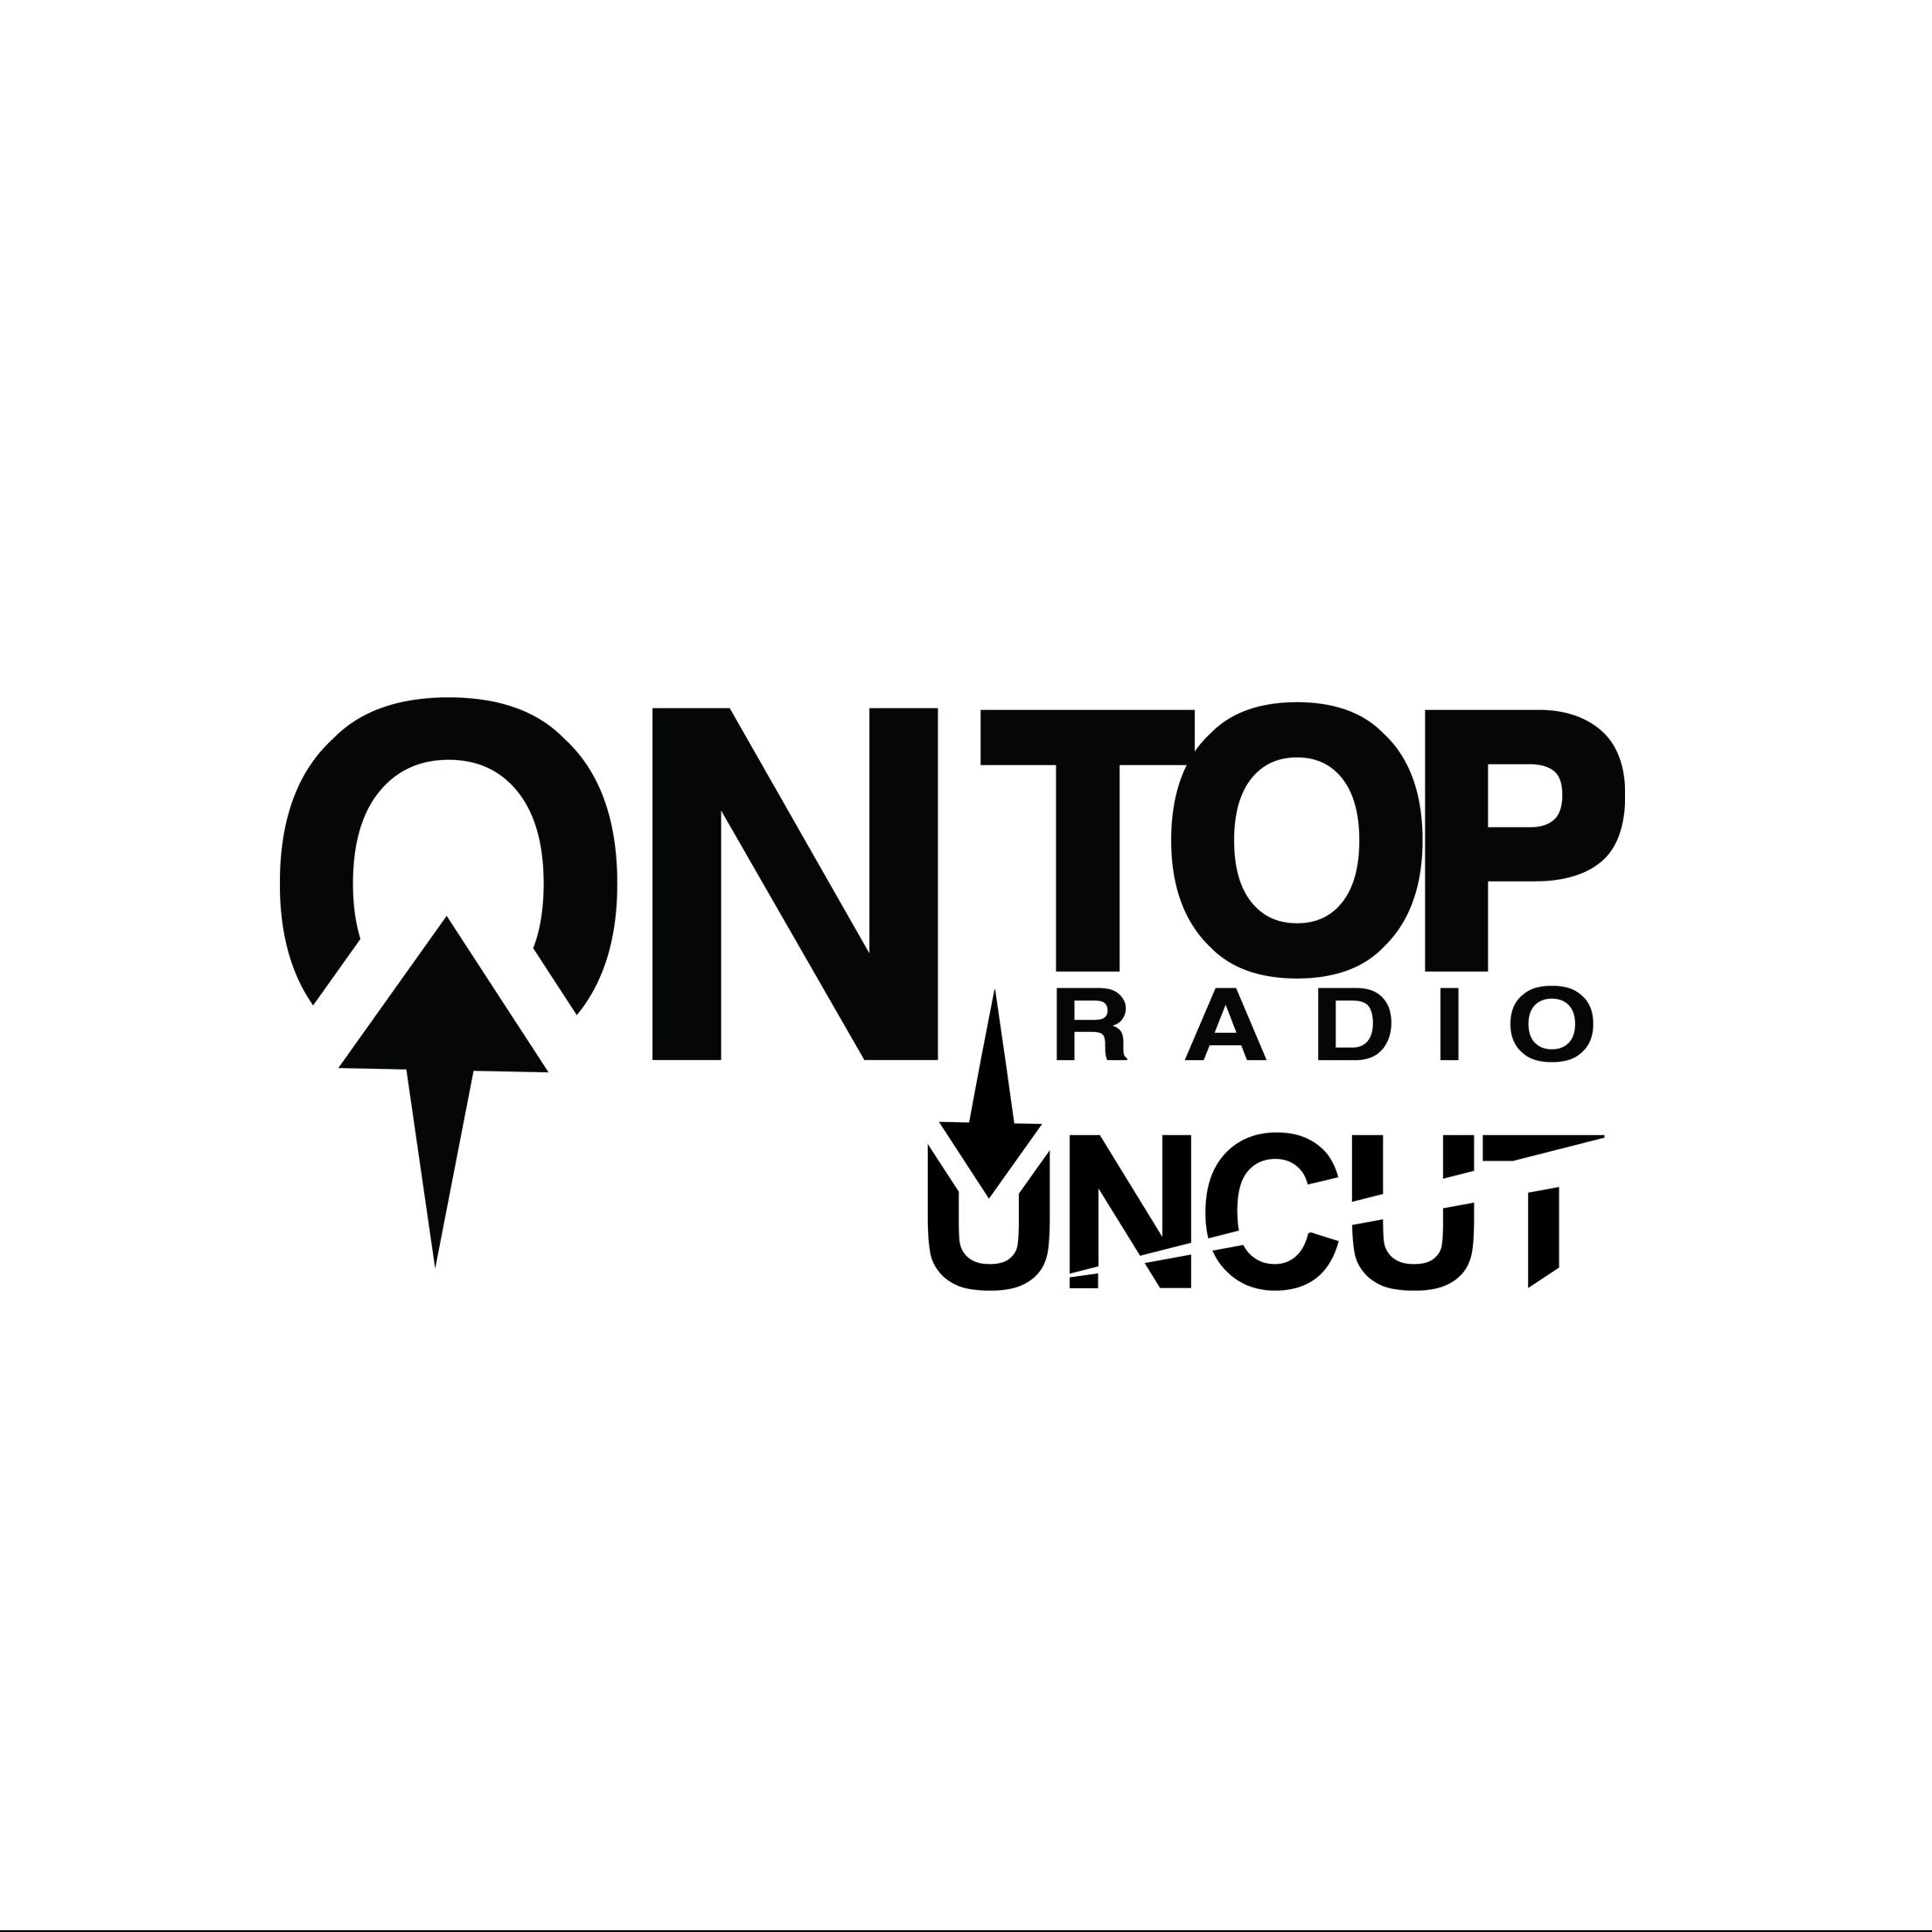 OnTop Uncut